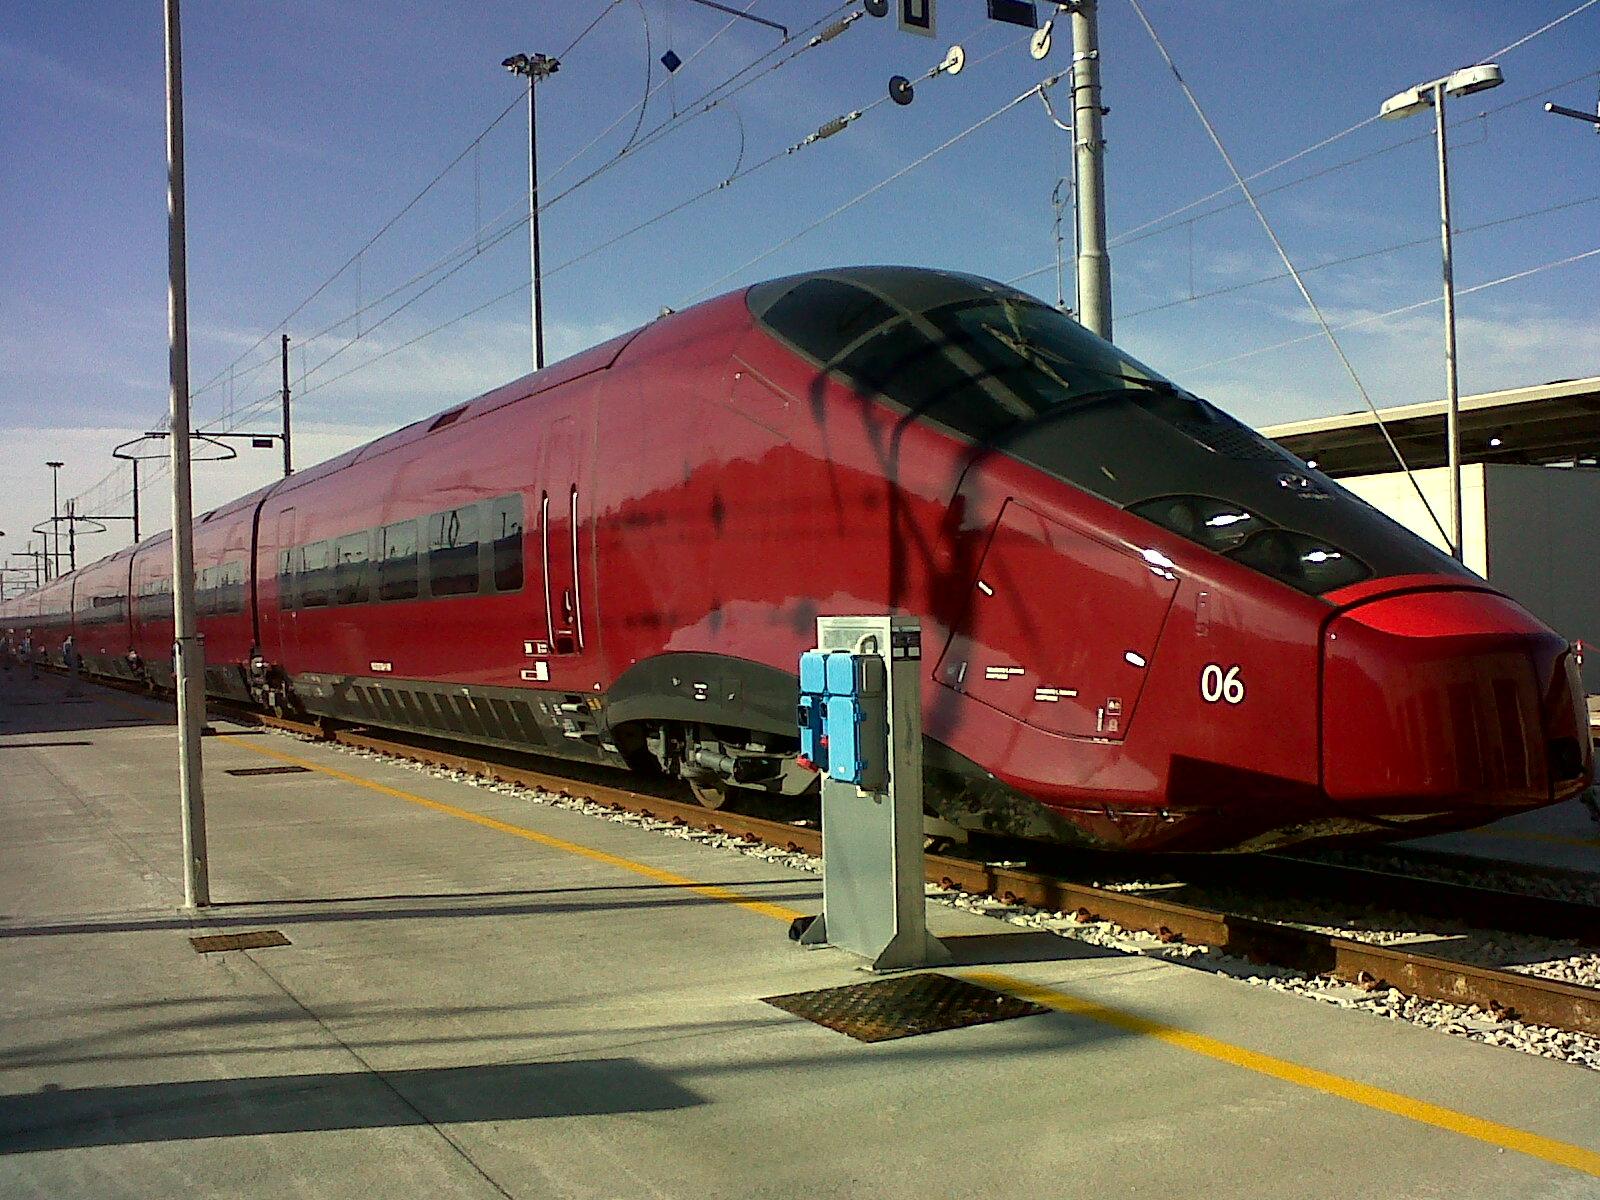 italo-treno-tratte-future